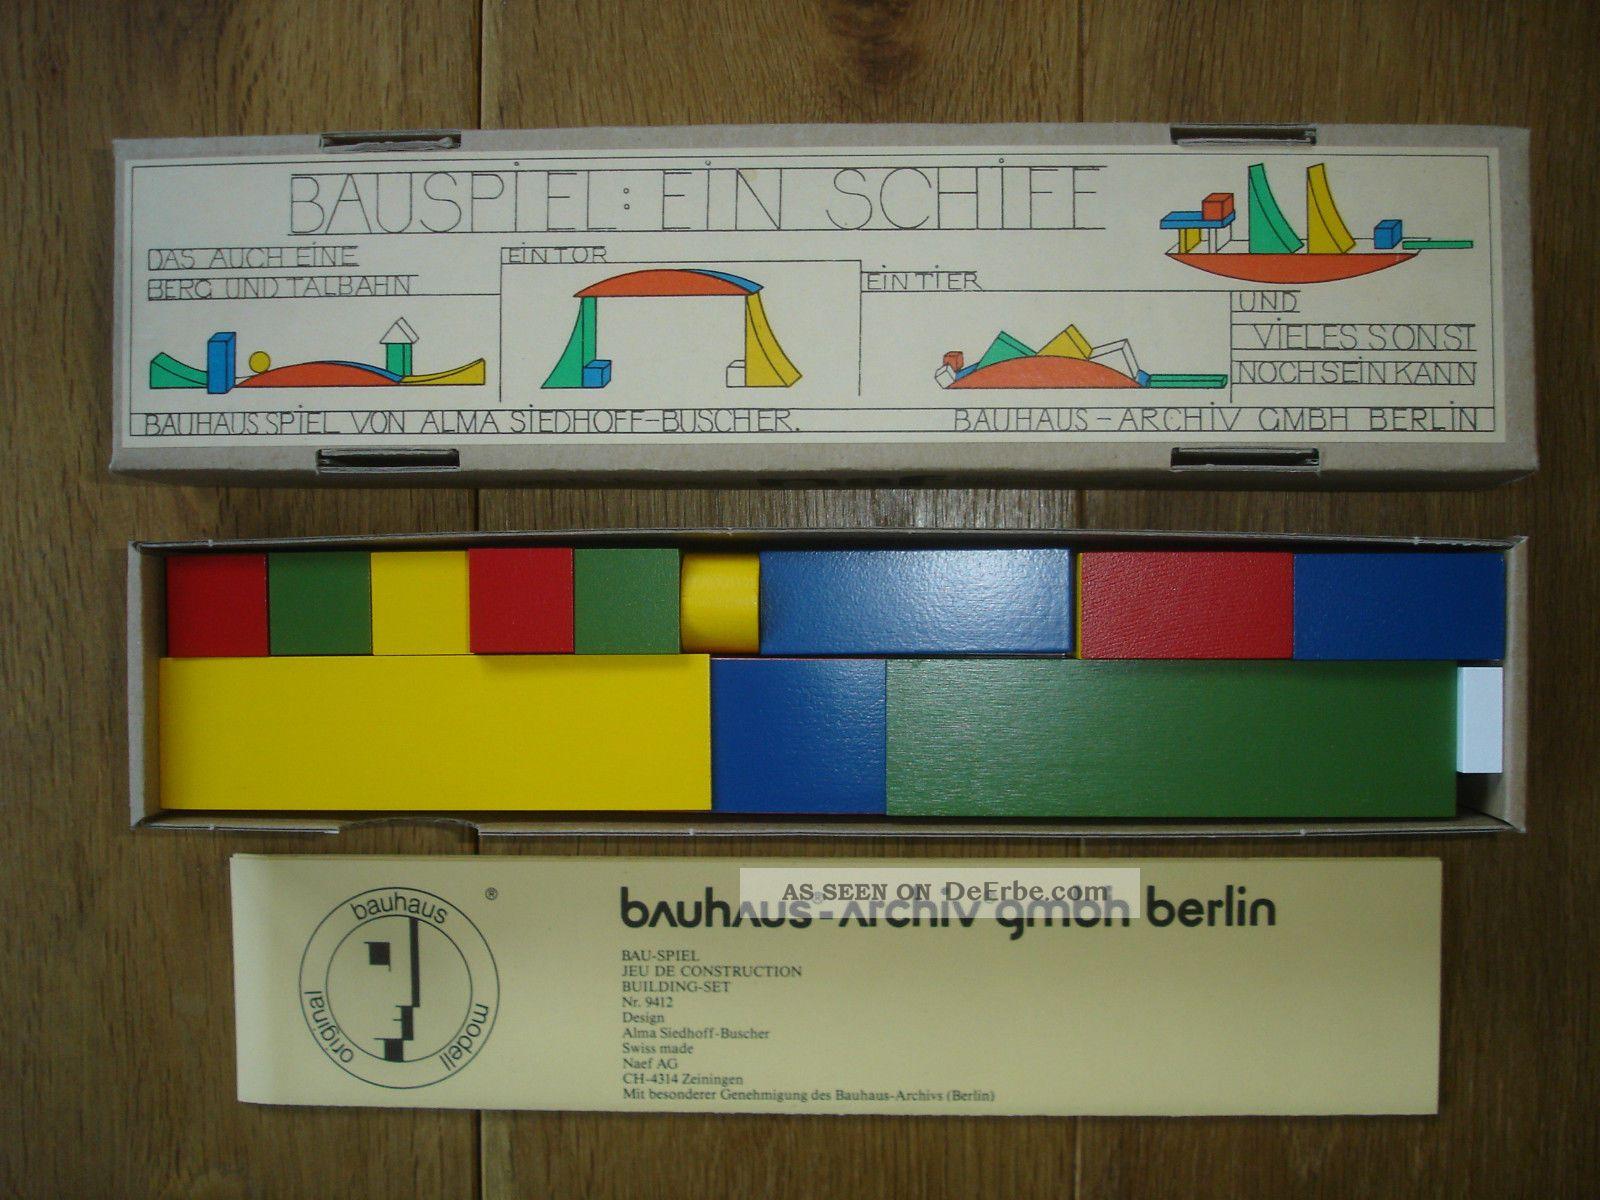 Naef Bauspiel Ein Schiff Bauhaus Design Alma Siedhoff